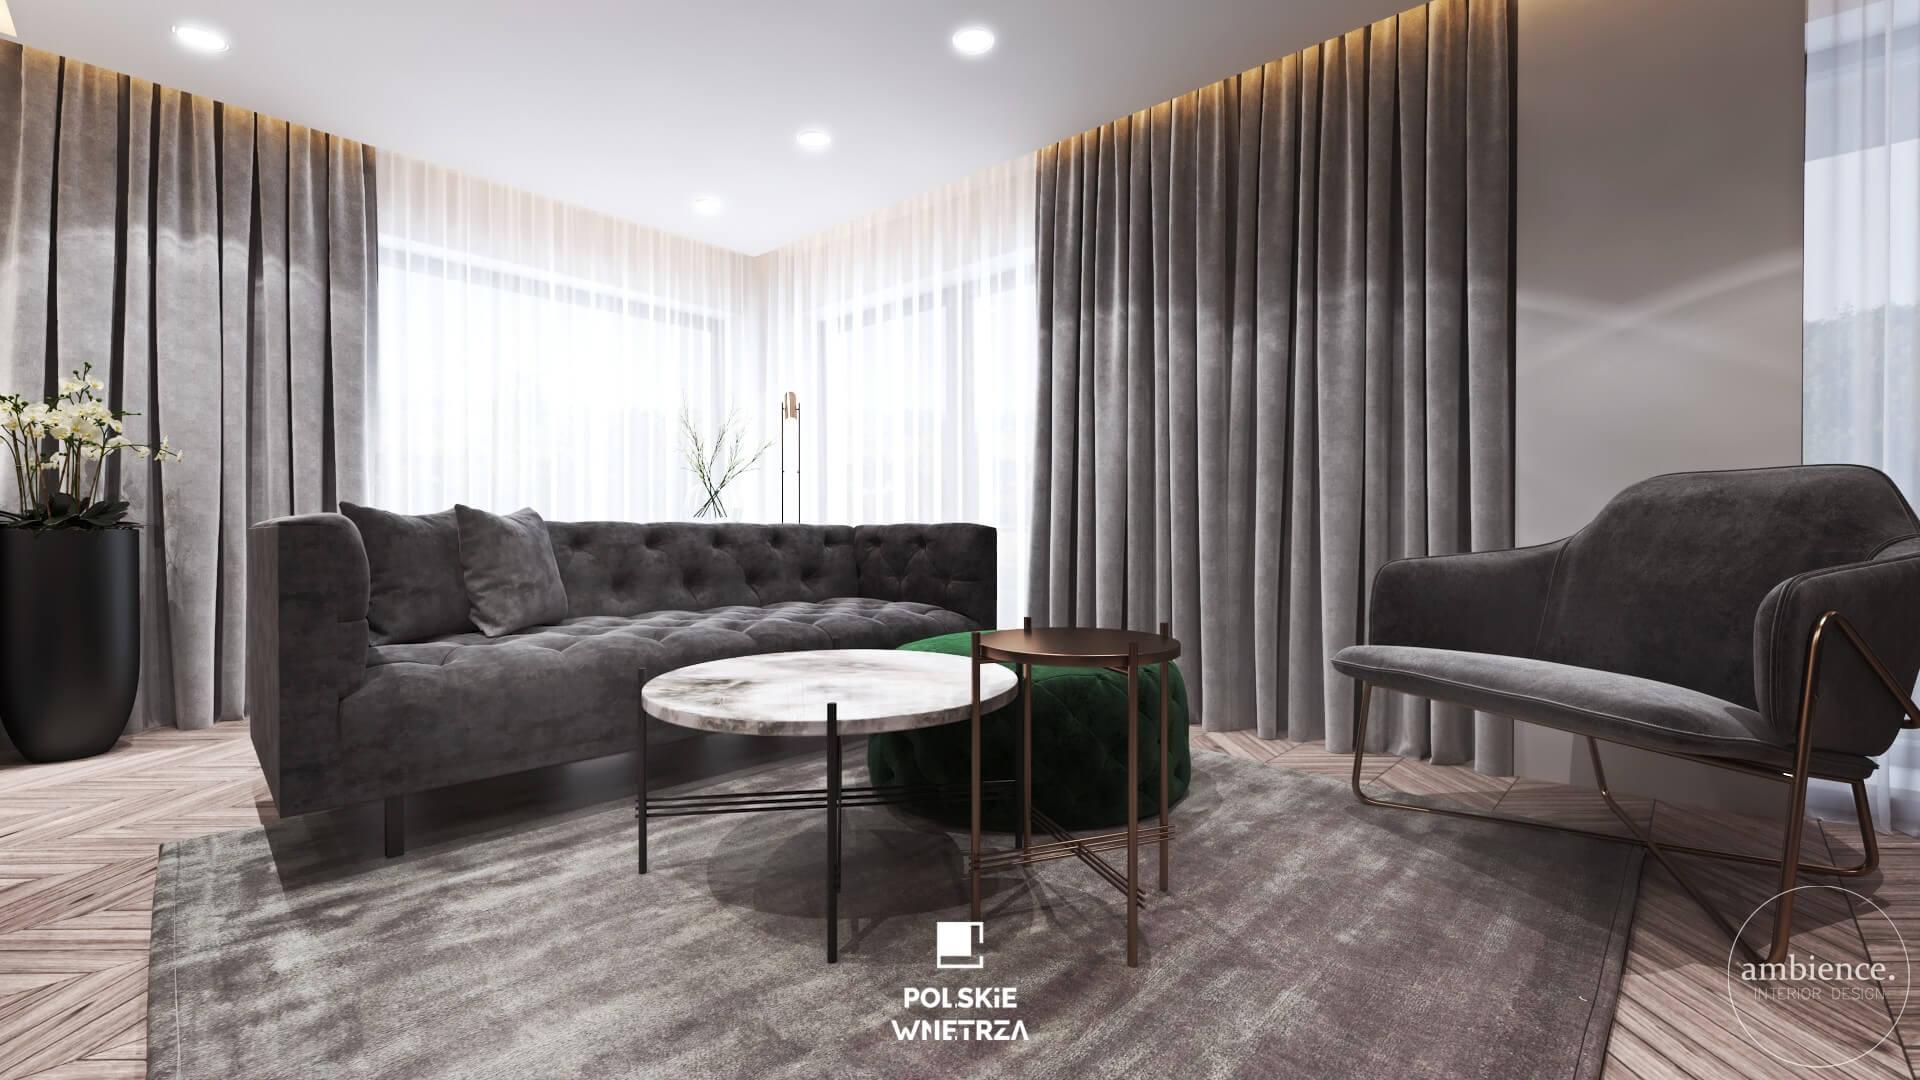 Projekt apartamentu w Londynie od Ambience. Interior Design - Polskie Wnętrza - www.polskie-wnetrza.pl